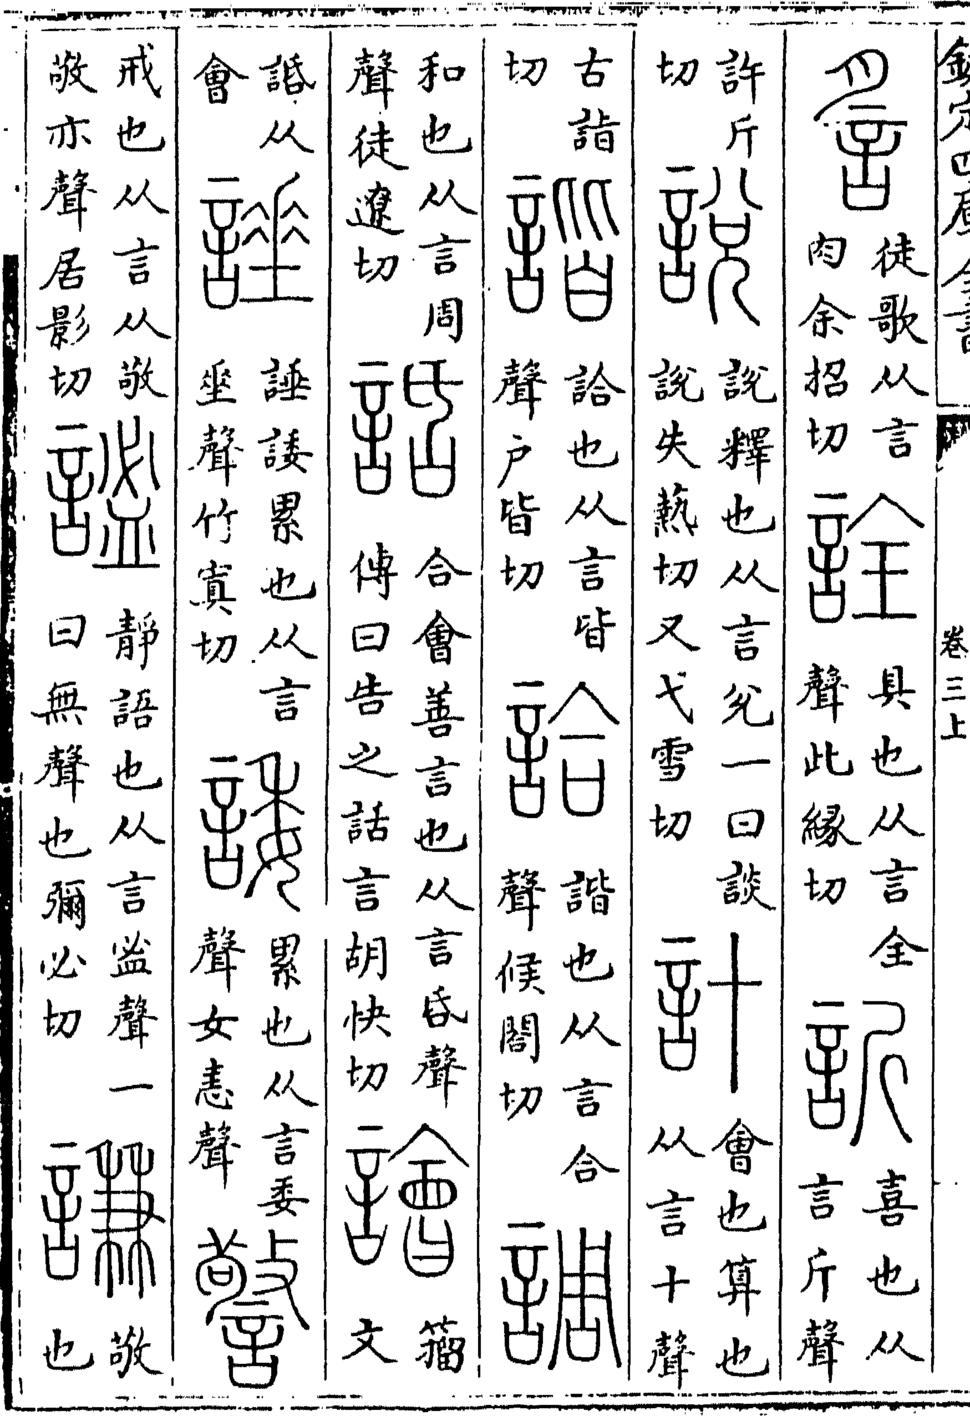 Shuowen-Shuo